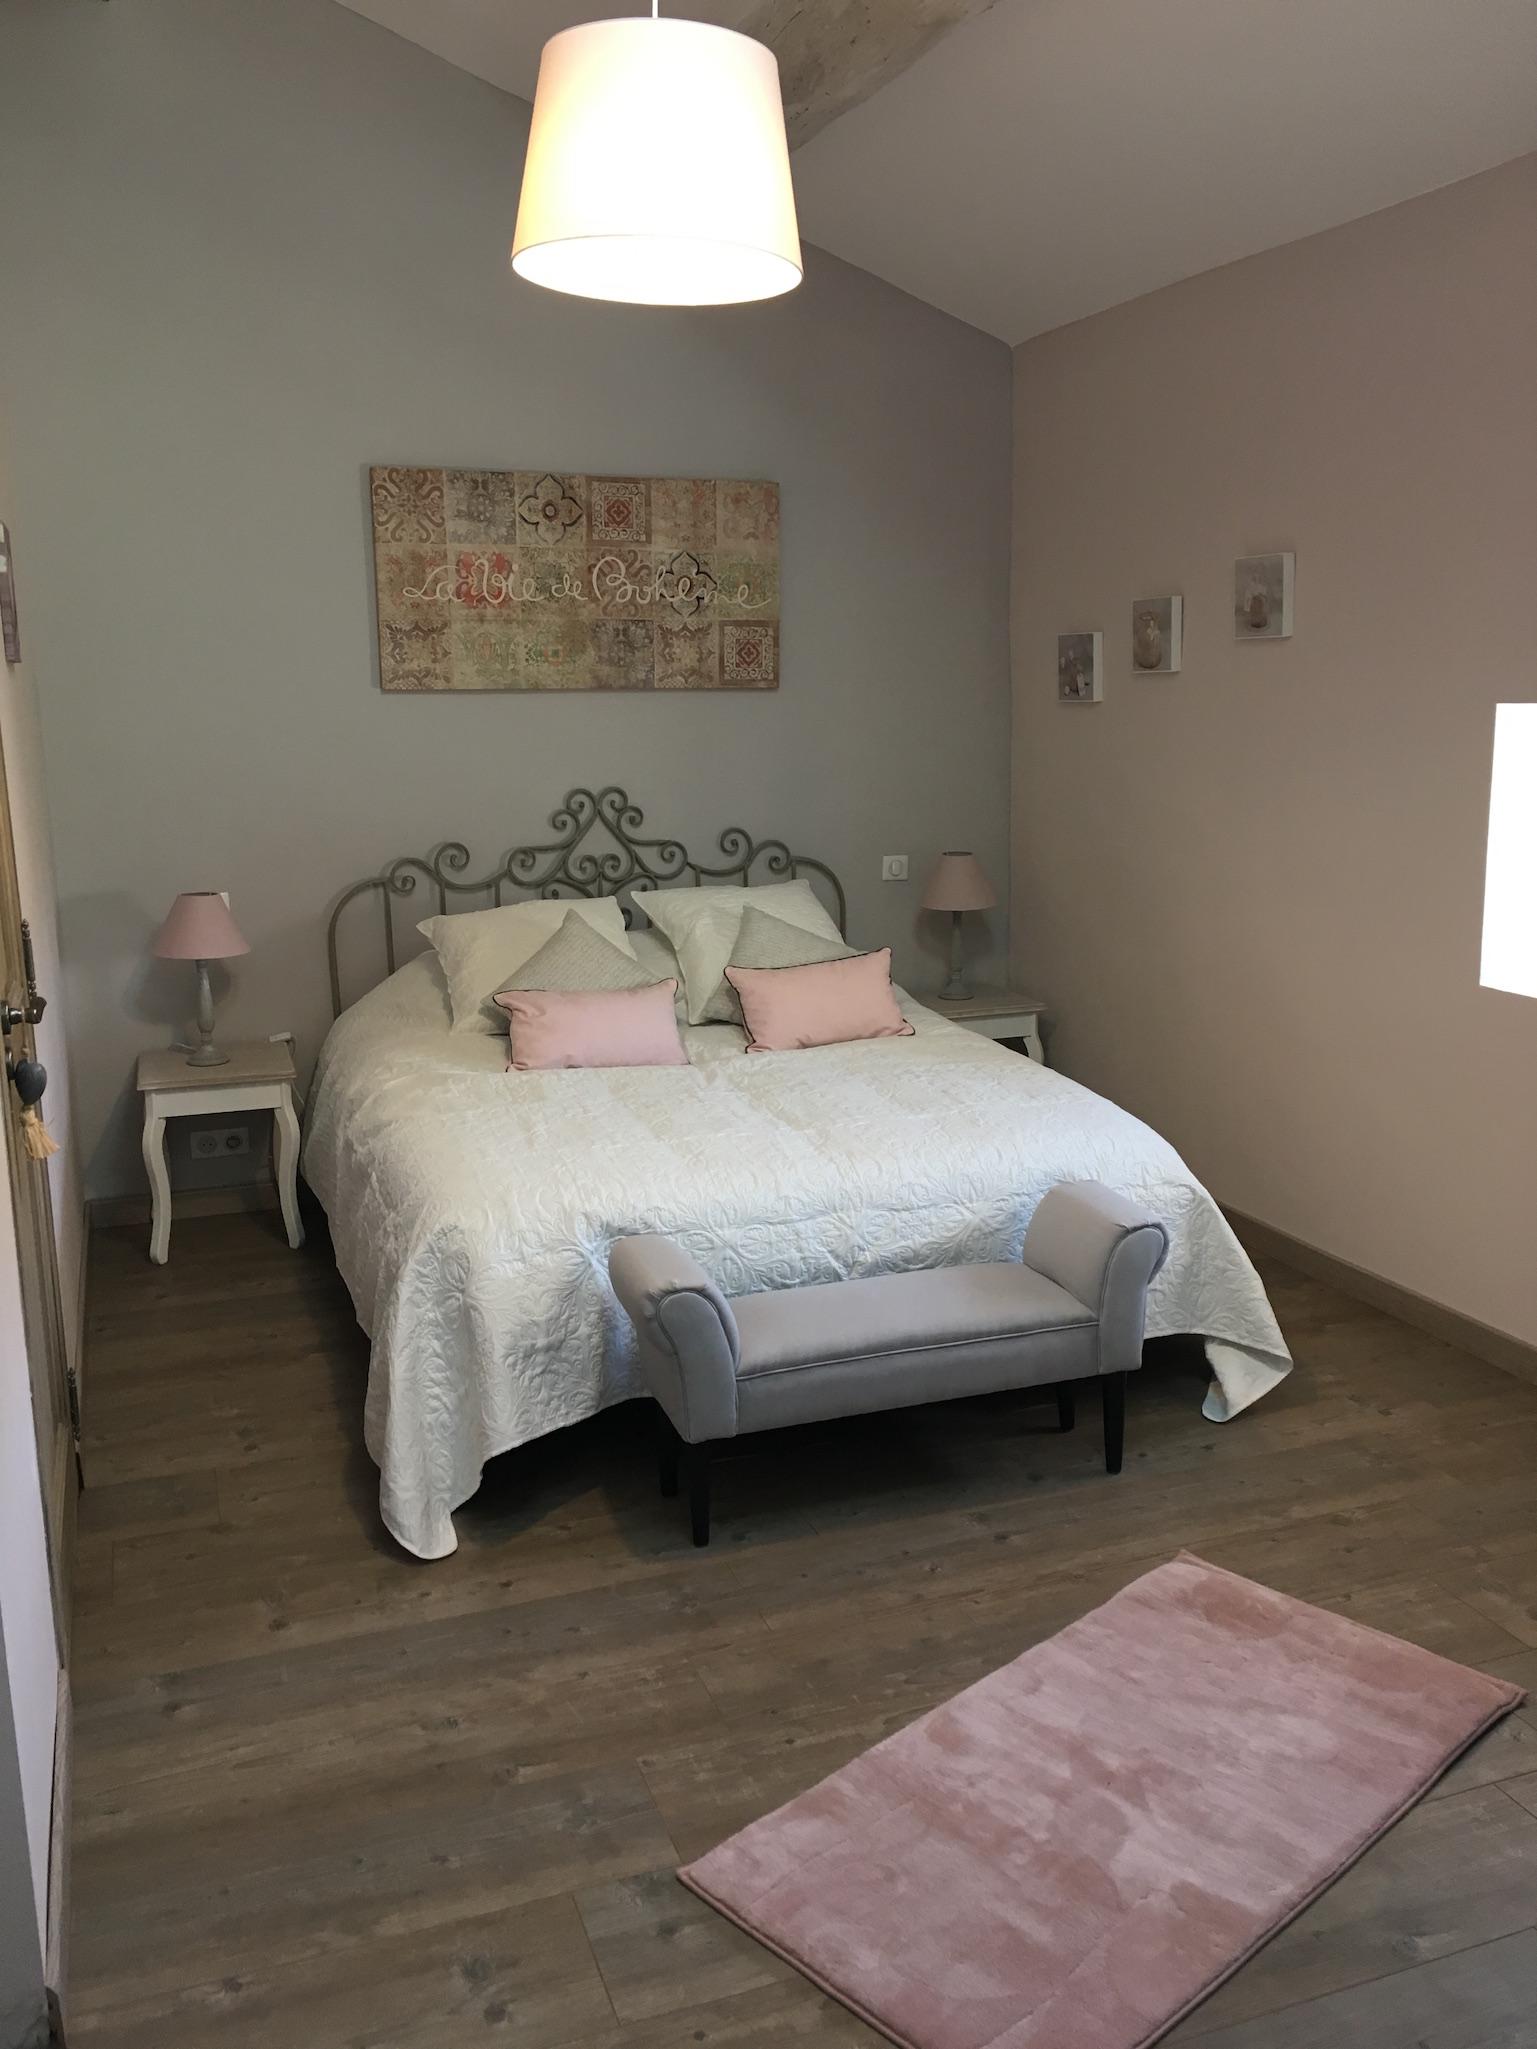 Suite fil de soie - chambre parentale 2 - La Bastide des Songes - Chambres d hotes Luberon - Vaucluse - Robion - Gordes - Cavaillon